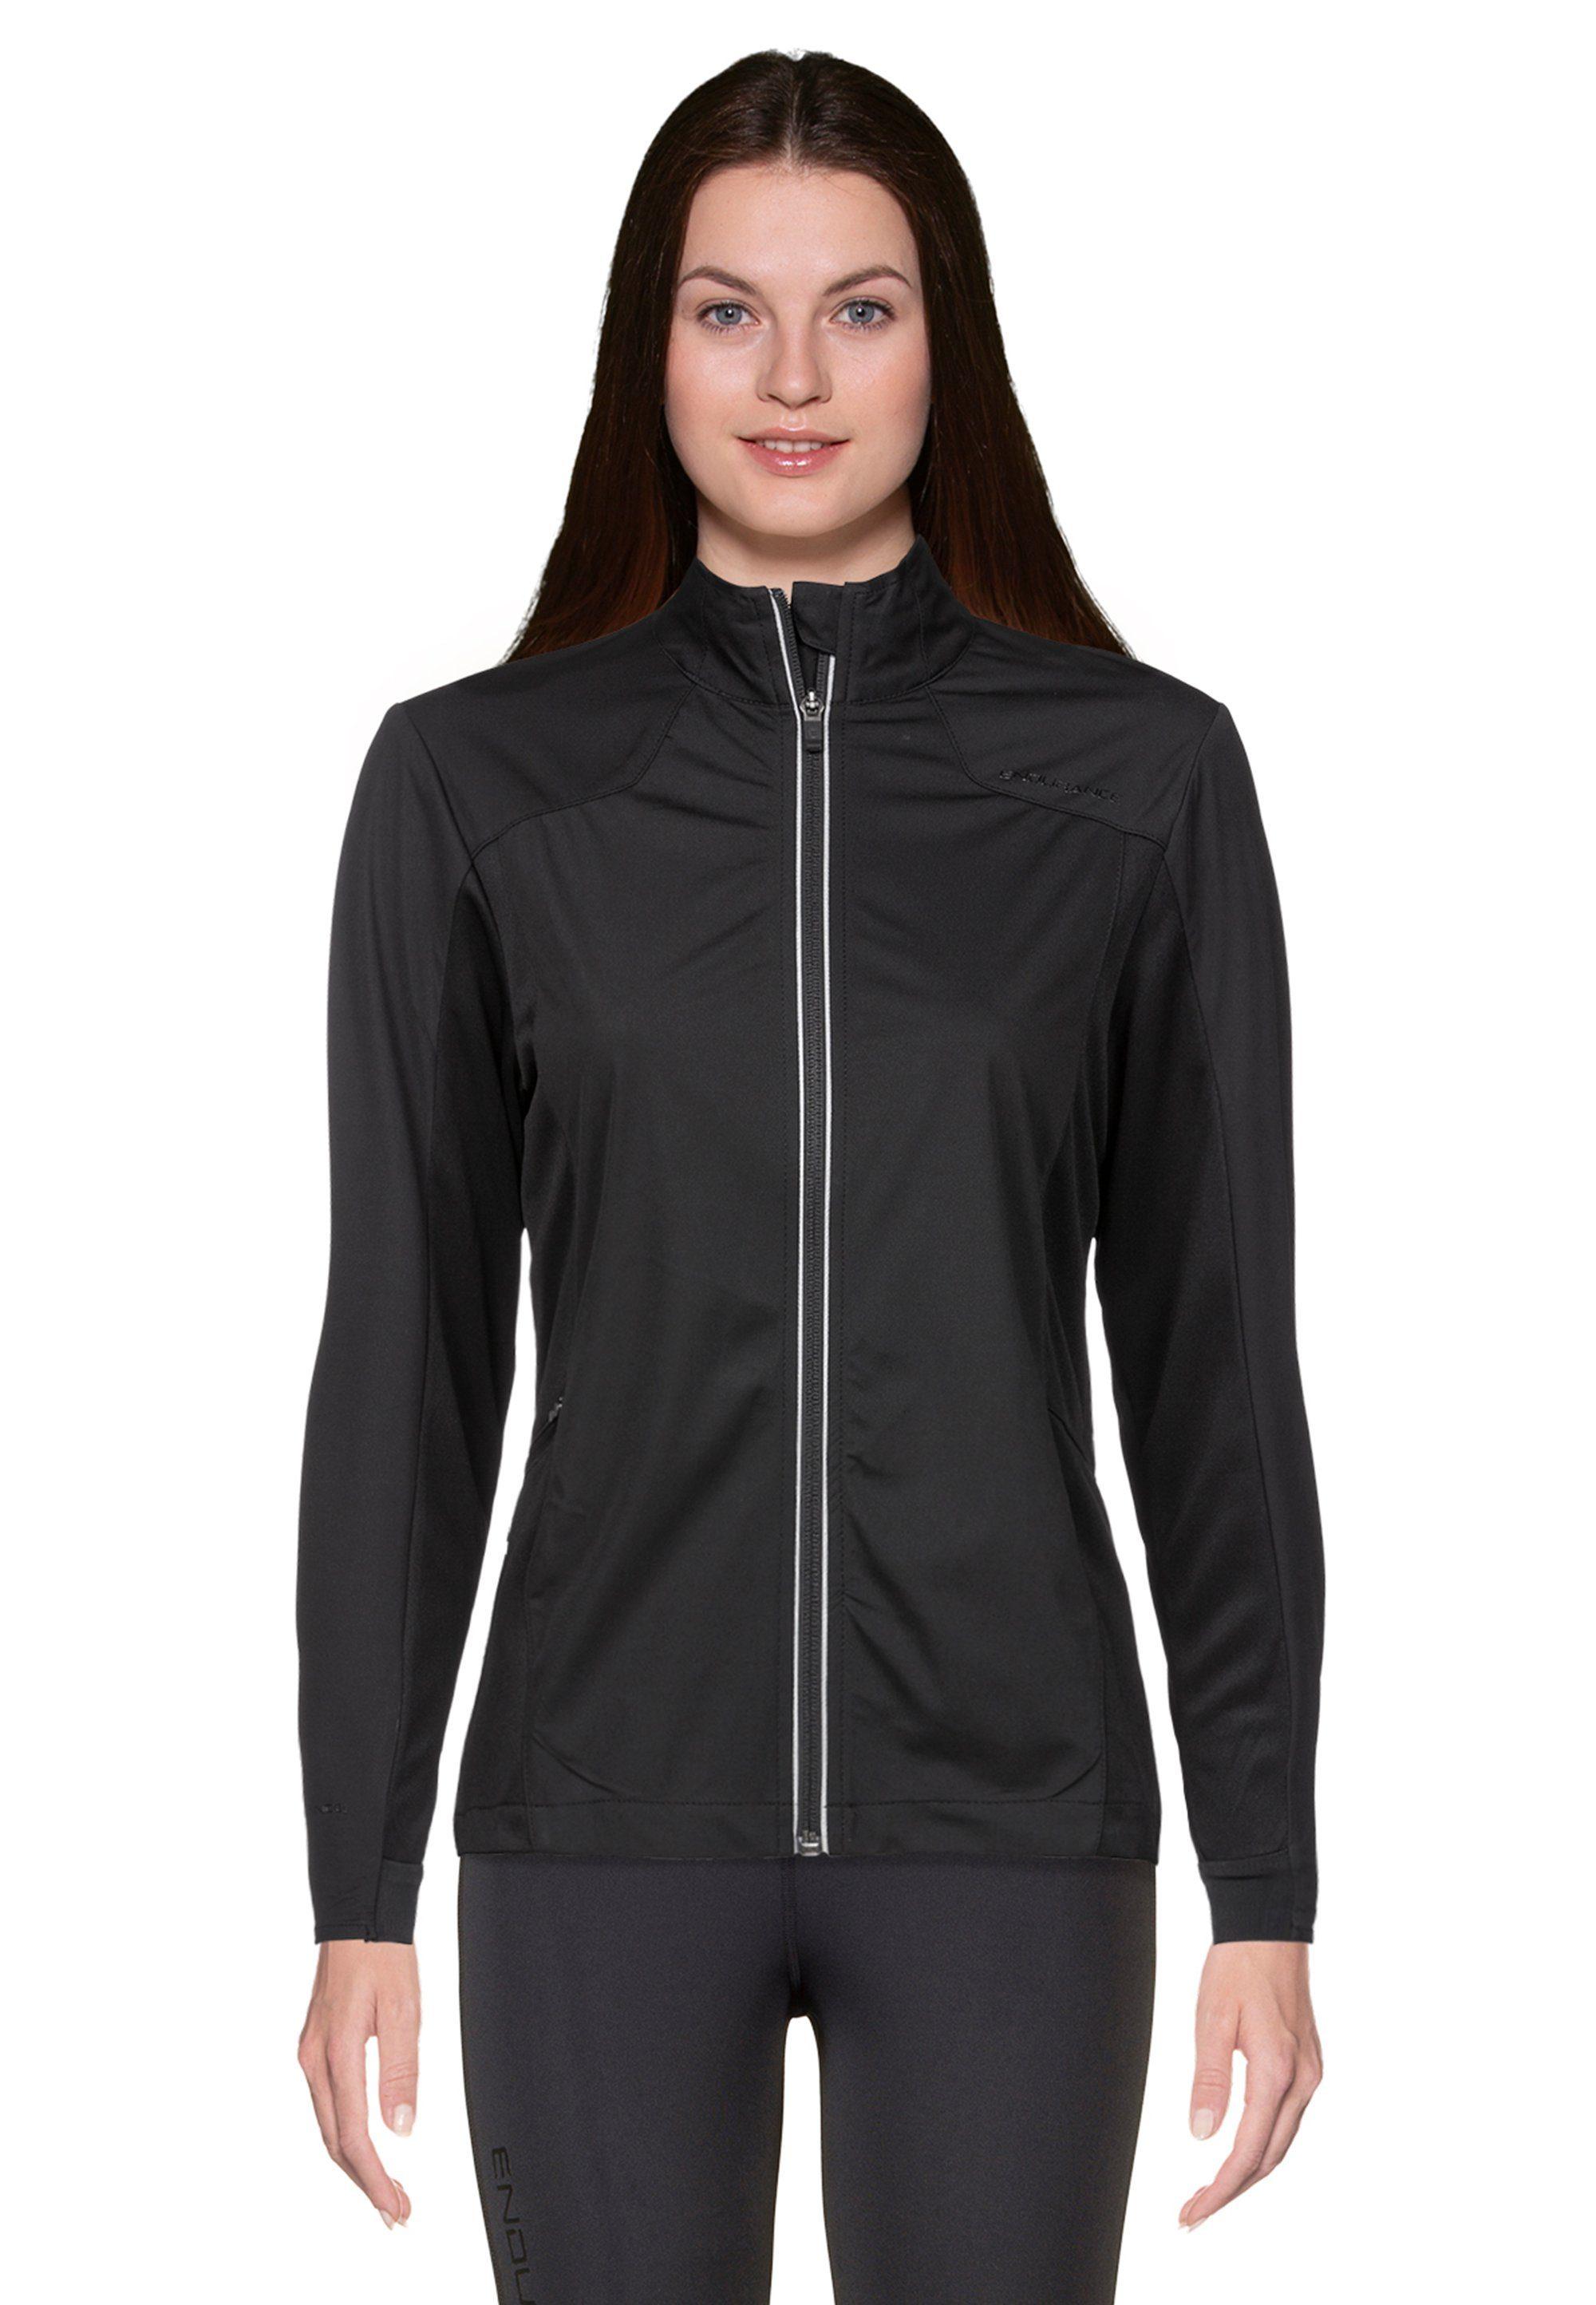 TAO Laufjacke »TAO Wasserdichte Damen Zip Jacke mit LED Lichtern« online kaufen | OTTO